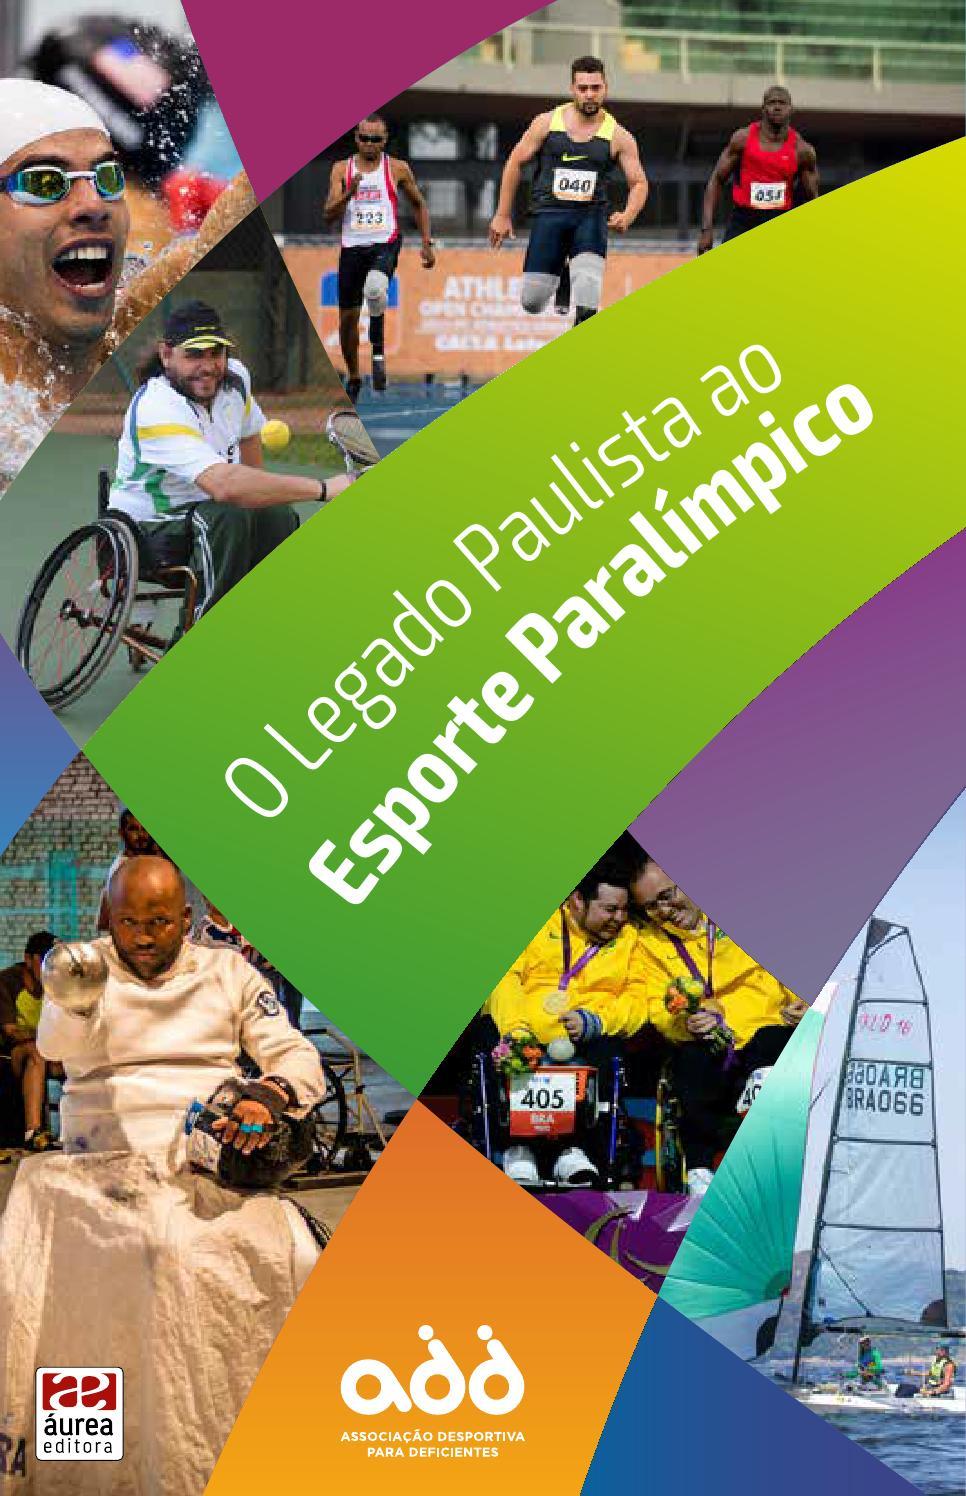 ccebc7ed0 O LEGADO PAULISTA AO ESPORTE PARALÍMPICO by Aurea Editora Ltda - issuu